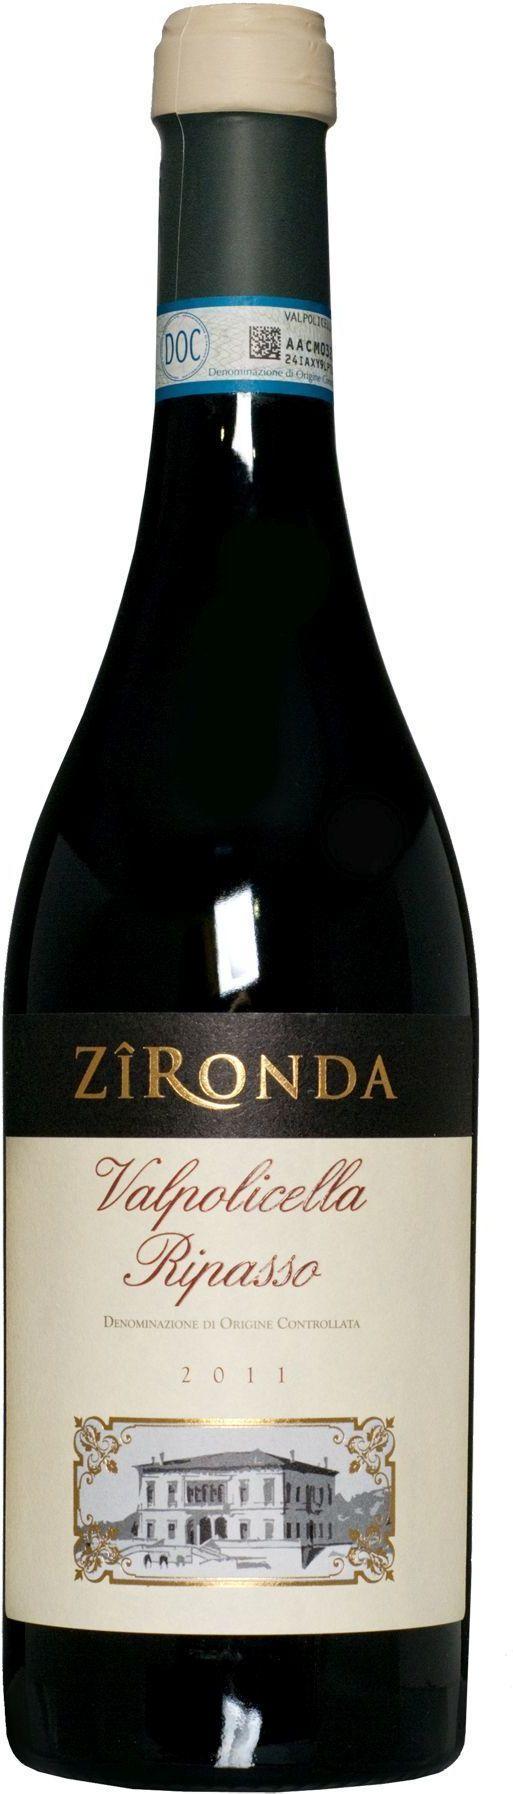 Raudonas vynas Zironda Valpolicella DOC Ripasso, 13,5% tūrio, 0,75 l